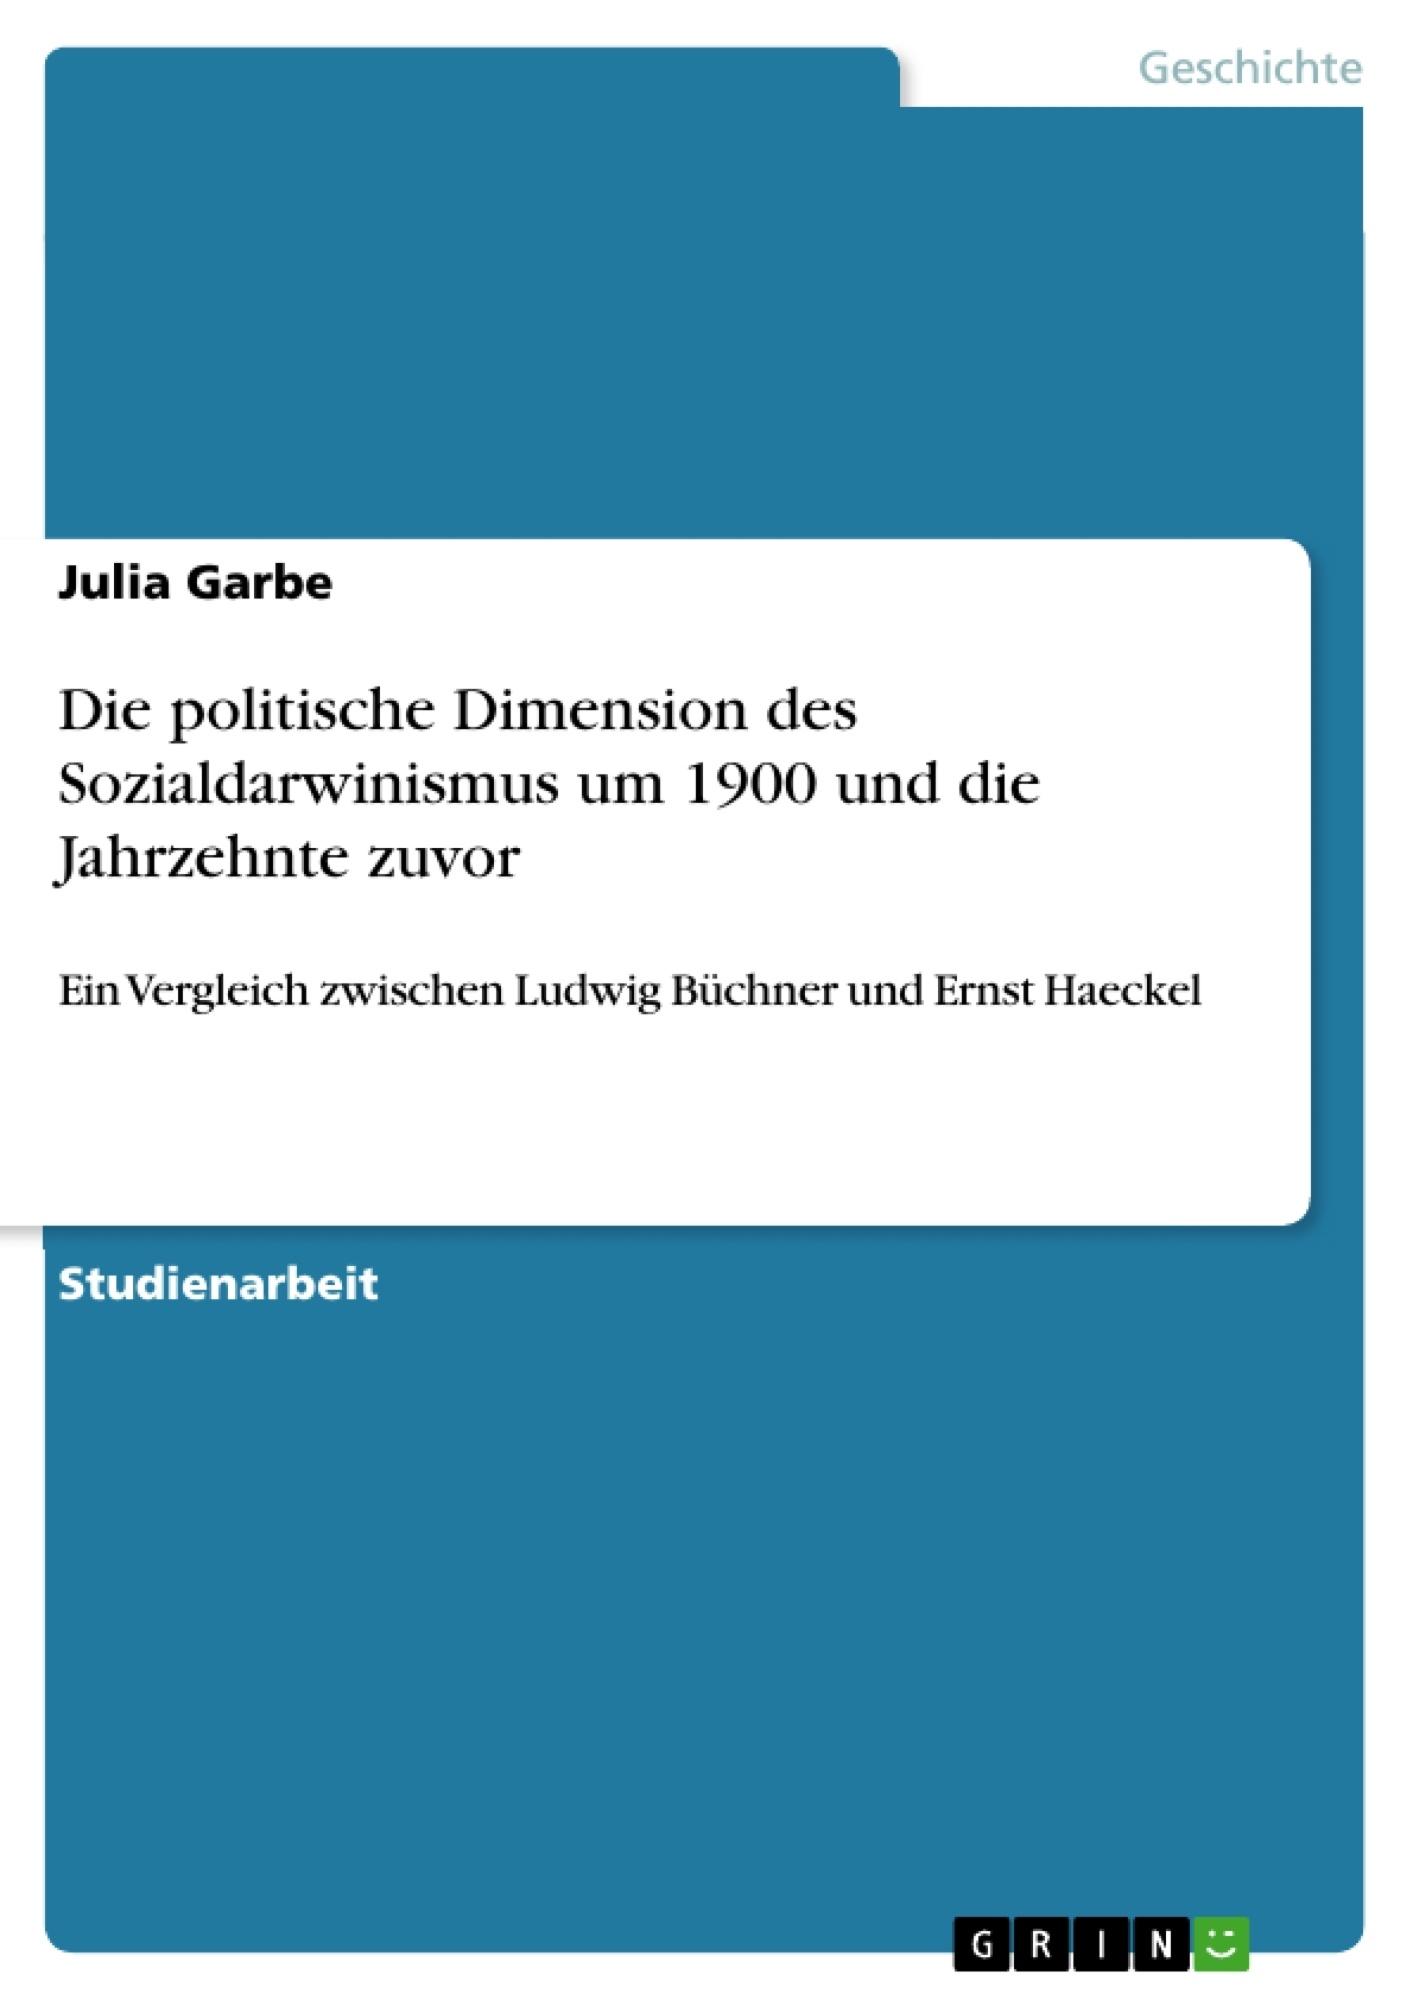 Titel: Die politische Dimension des Sozialdarwinismus um 1900 und die Jahrzehnte zuvor